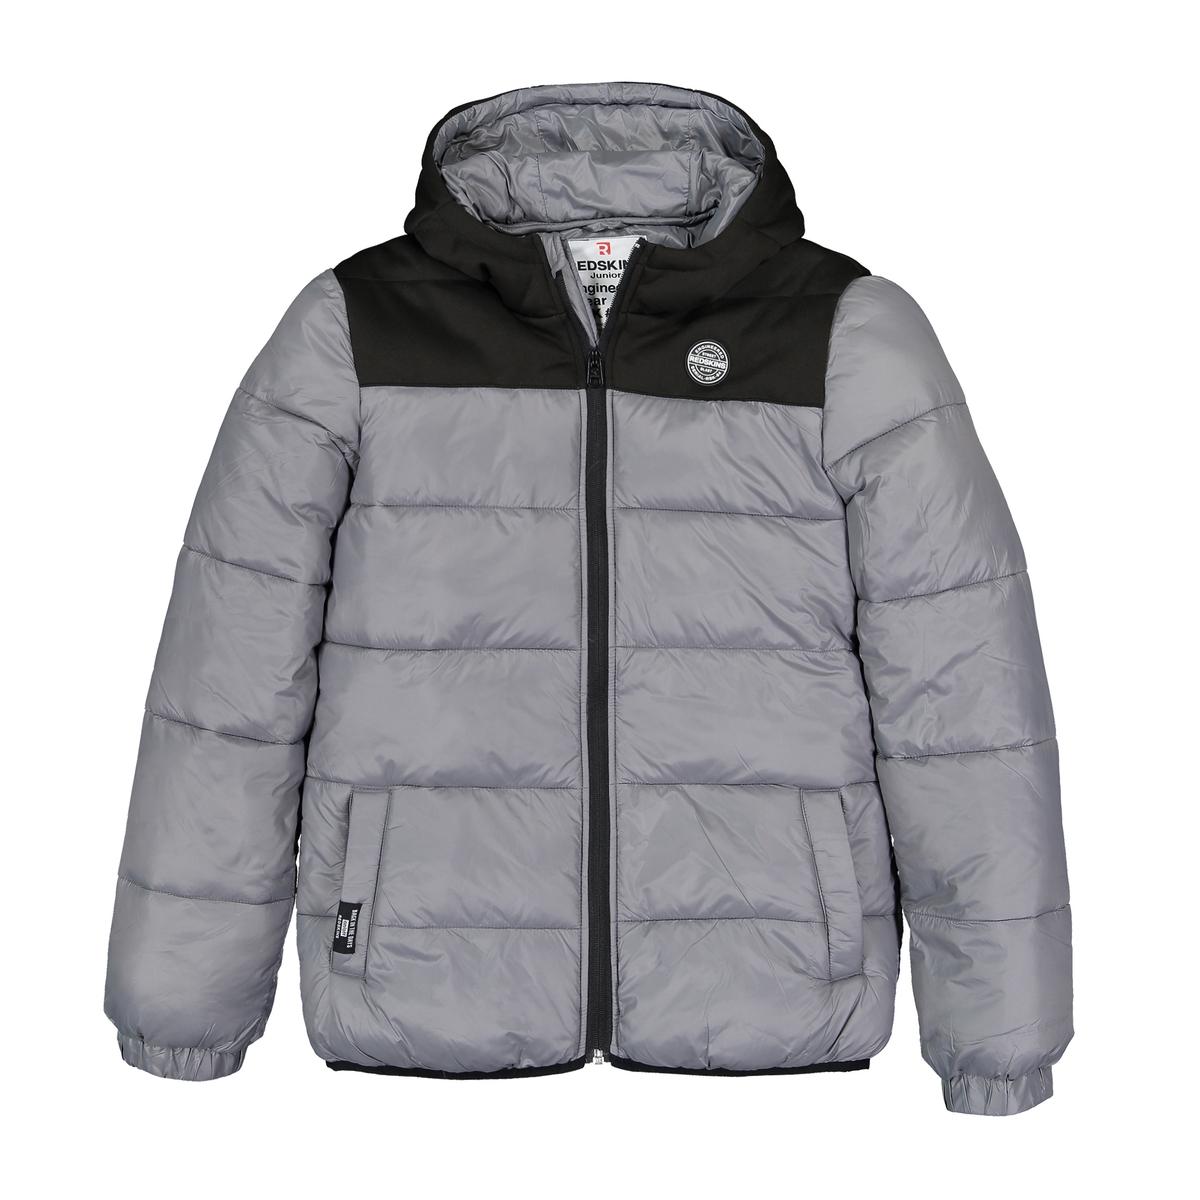 Куртка La Redoute Стеганая с капюшоном 12 лет -150 см серый пижама la redoute с надписью 12 лет 150 см серый